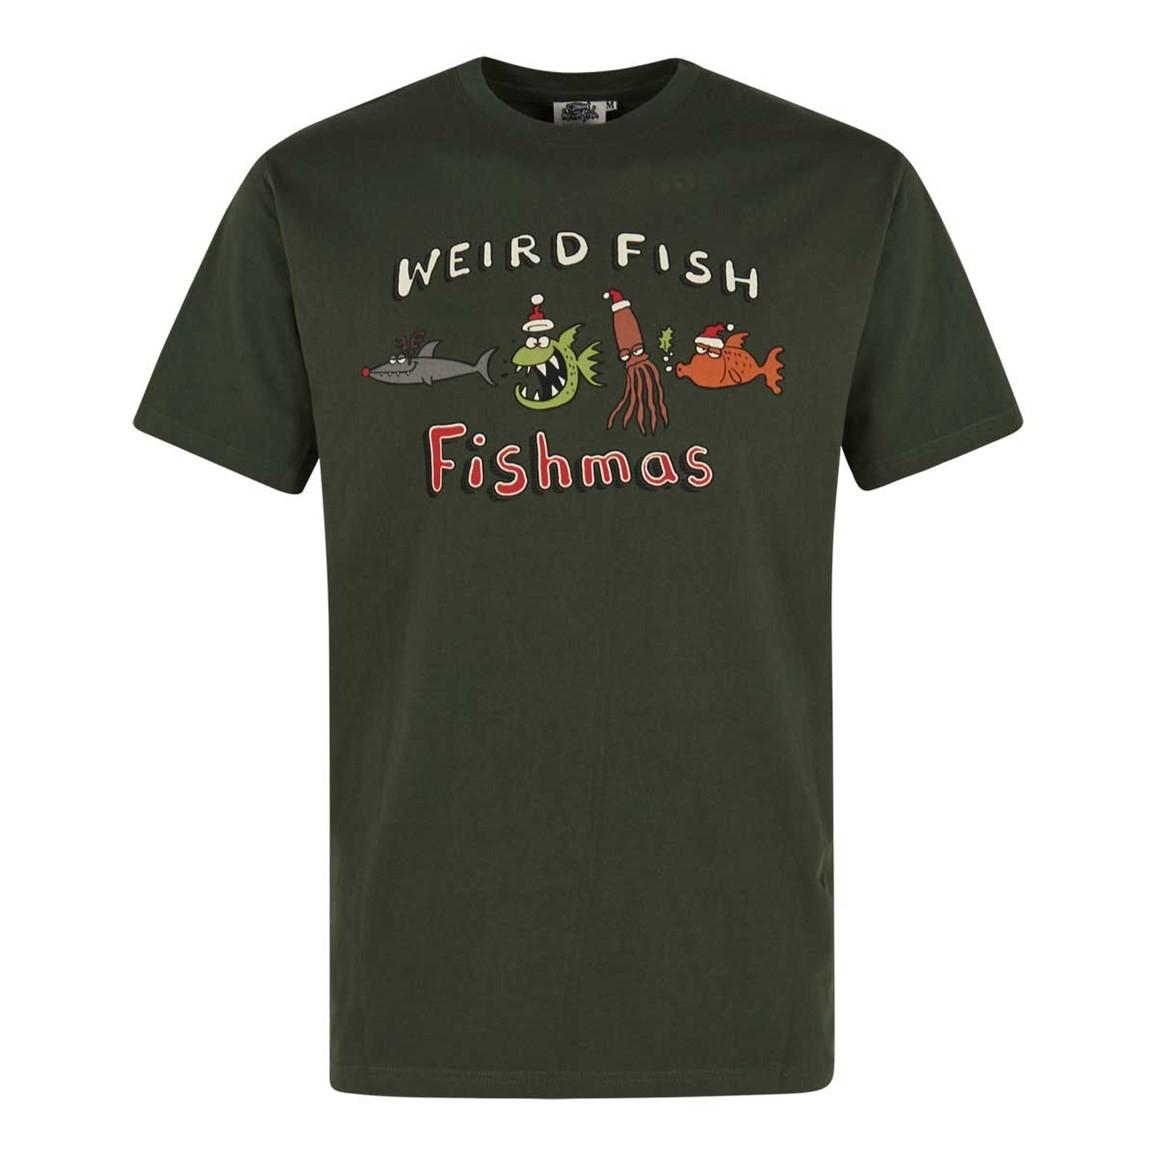 Weird Fish Fishmas Artist T-Shirt Thyme